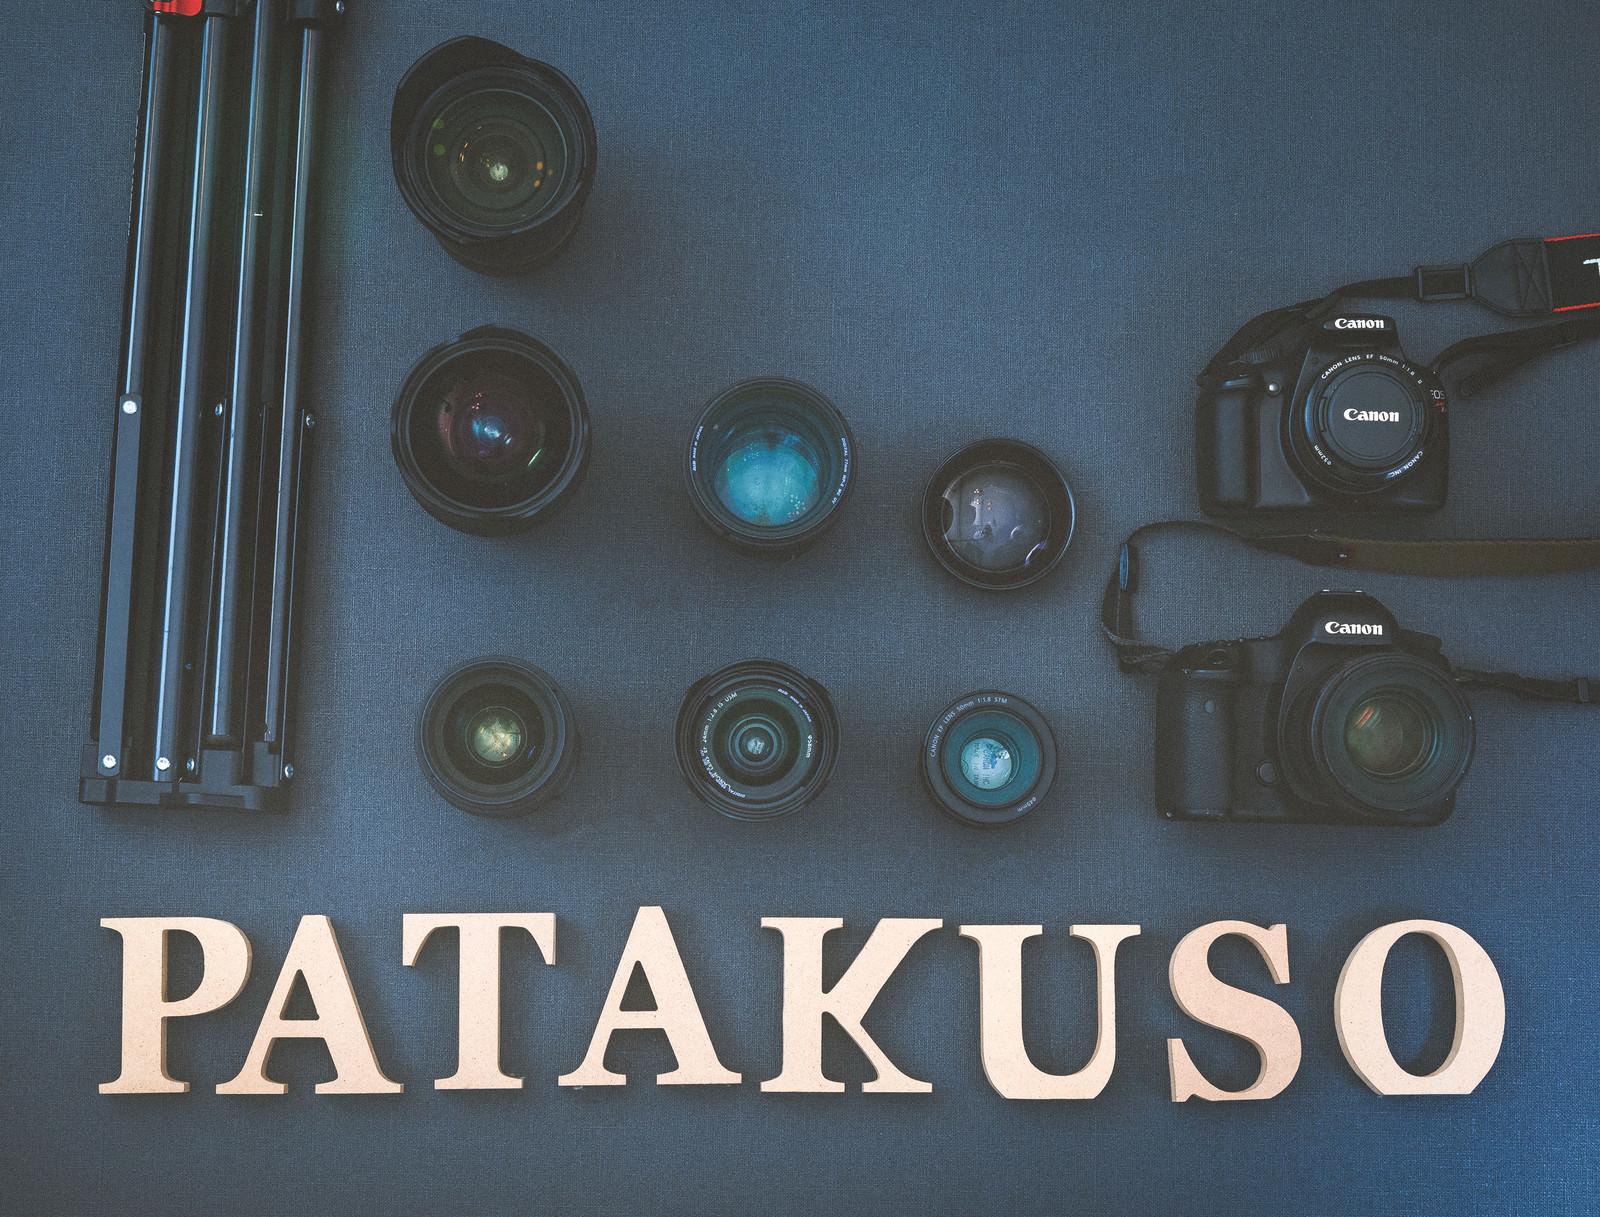 「PATAKUSO(ぱたくそ)ではありません」の写真